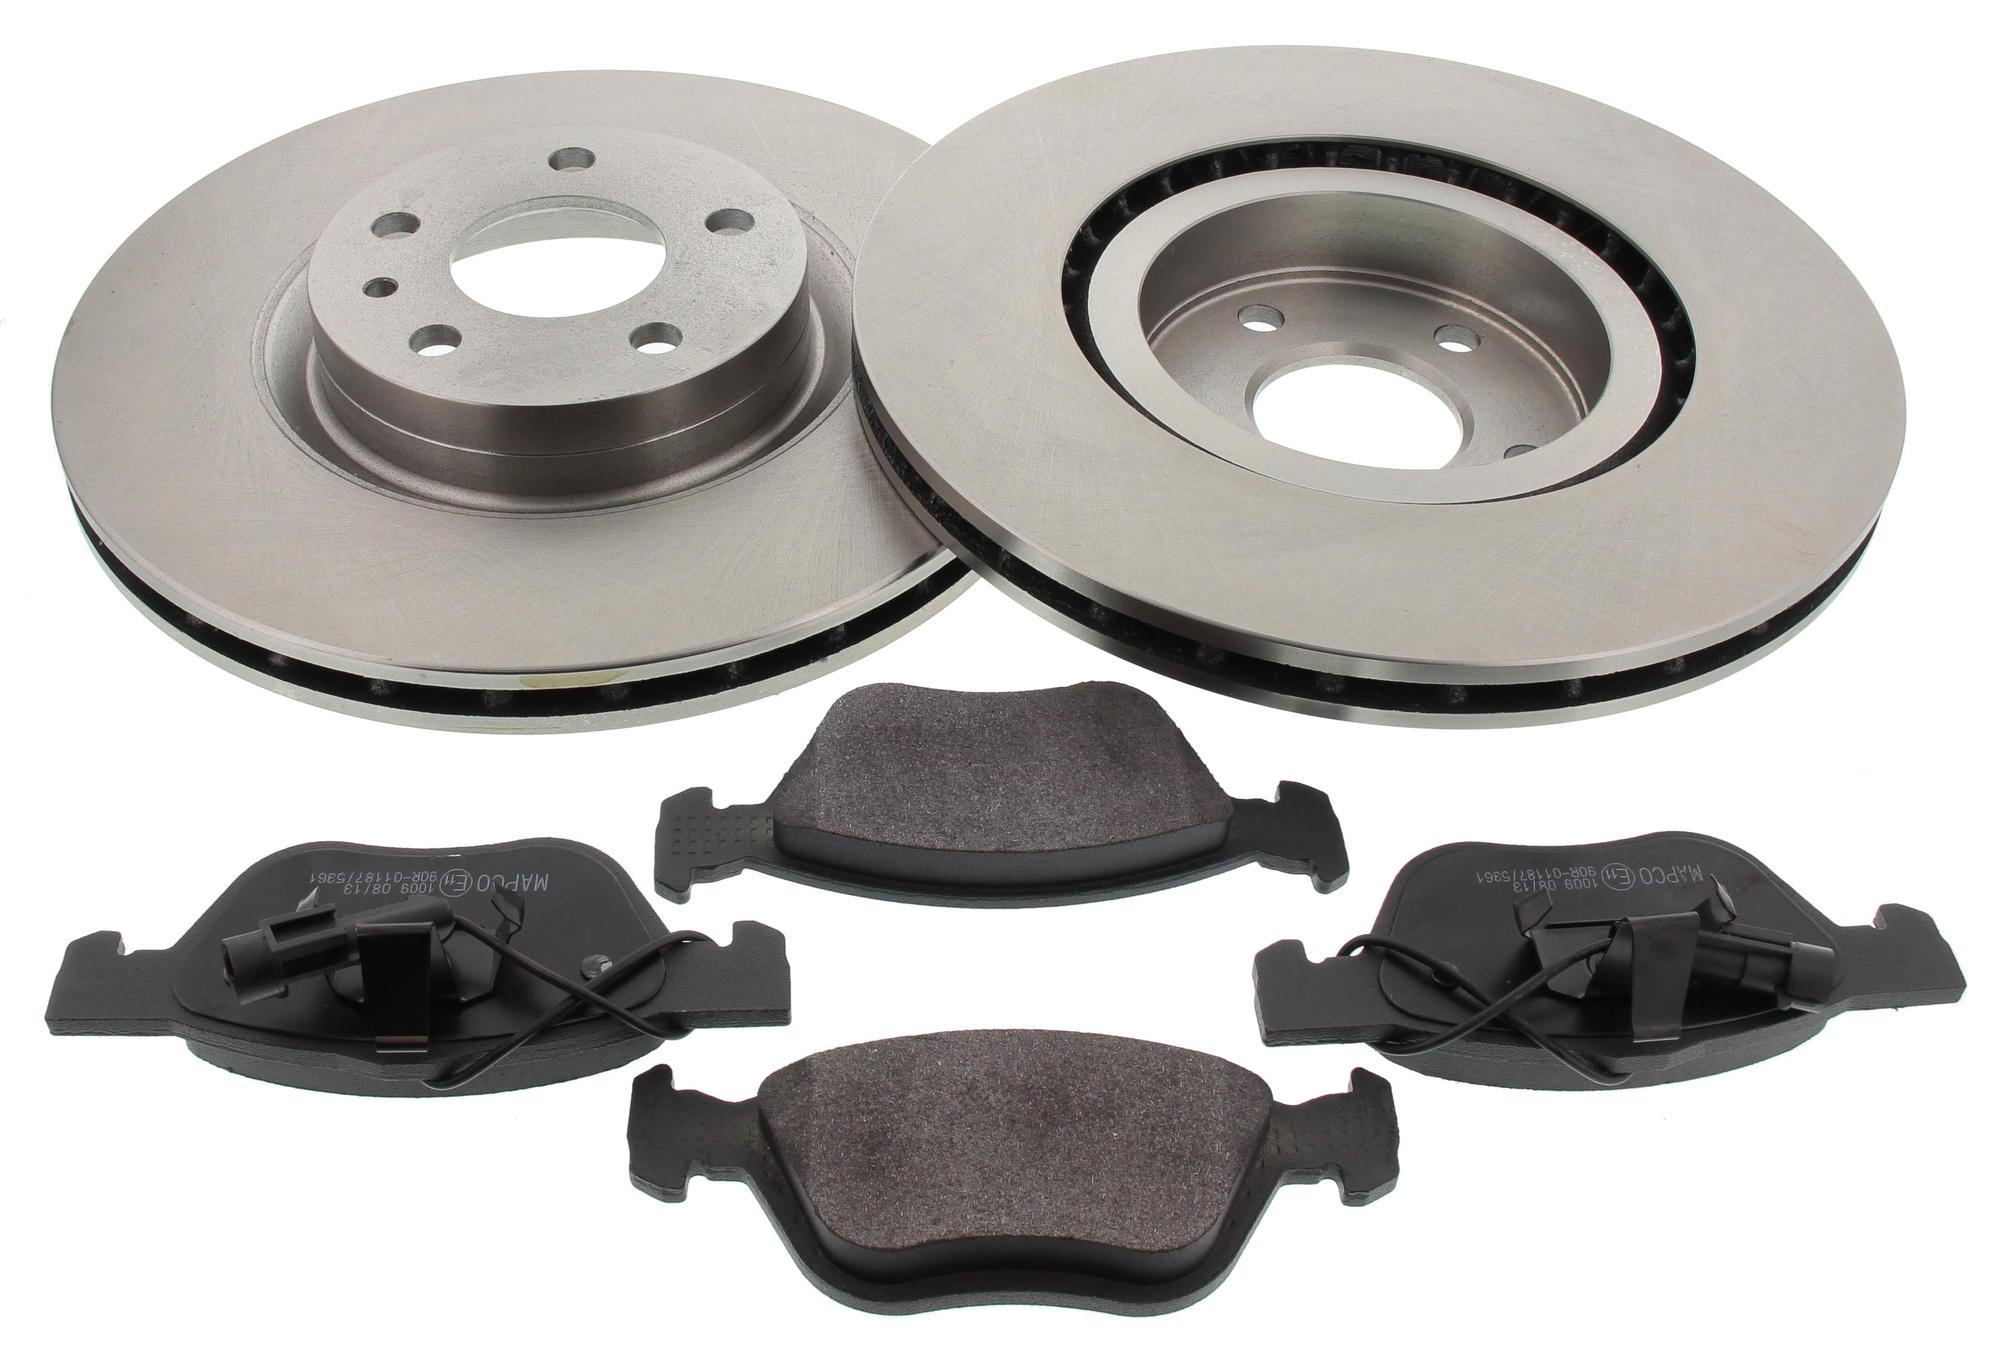 MAPCO 47016 Bremsensatz Bremsscheiben mit Bremsbelägen Vorderachse